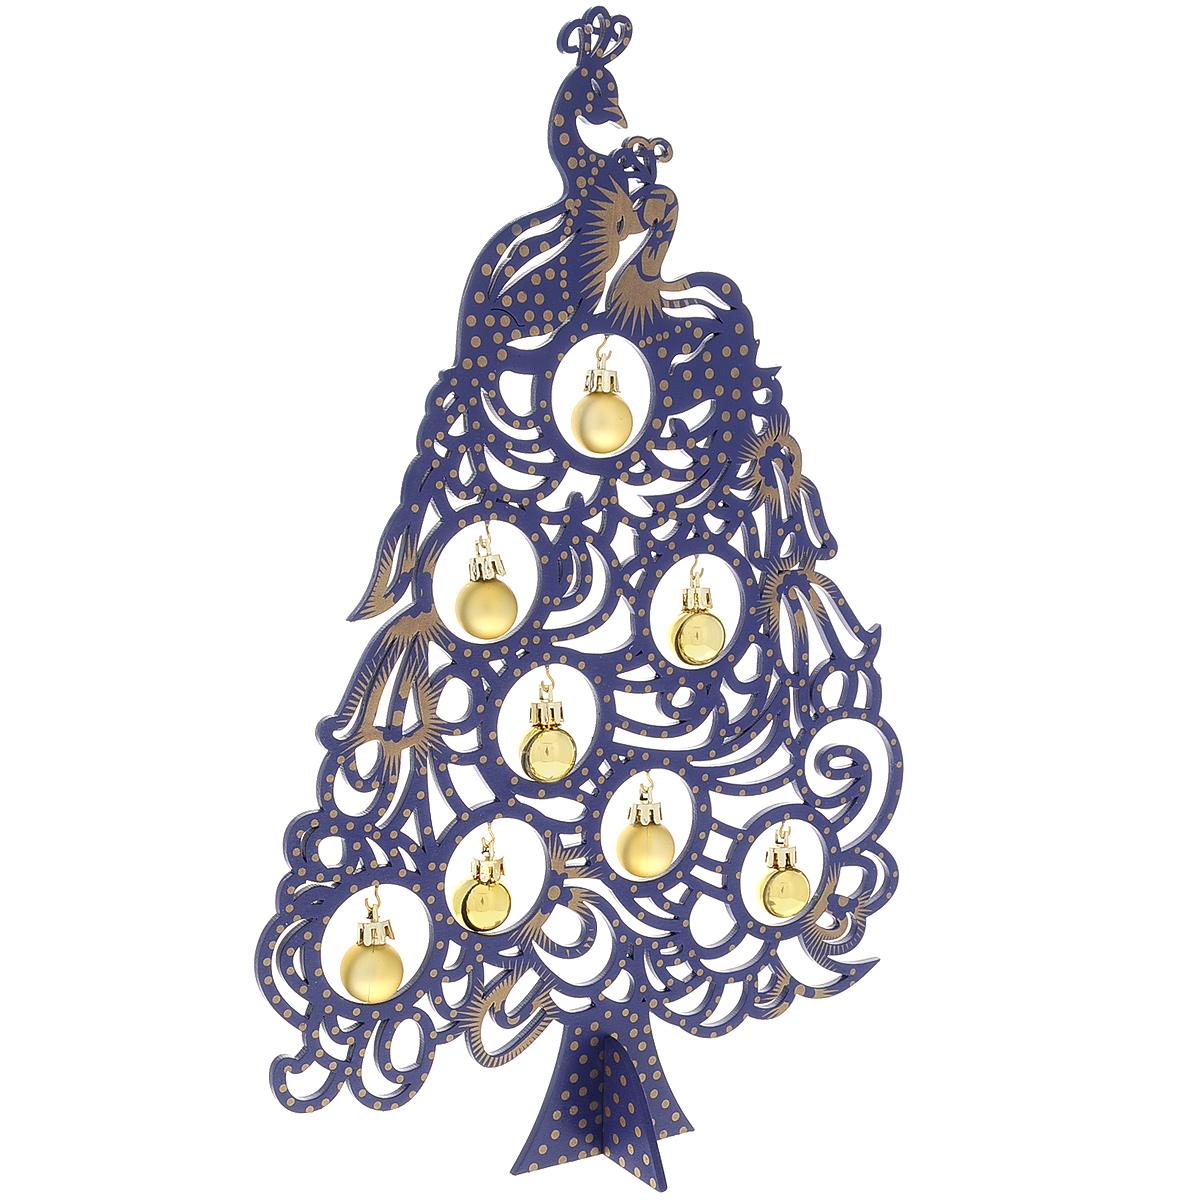 Новогодняя ель с игрушками Жар-птица, цвет: синий, 37 см. 3527735277Новогодняя ель с игрушками Жар-птица изготовлена из древесины тополя. В комплект к ели прилагаются пластиковые шарики золотистого и синего цвета, а также подставка. Красивое новогоднее украшение будет готово, стоит подвесить игрушки на елку. Новогодняя игрушка - символ Нового года. Она несет в себе волшебство и красоту праздника. Создайте в своем доме атмосферу веселья и радости, украшая новогоднюю елку нарядными игрушками, которые будут из года в год накапливать теплоту воспоминаний. Коллекция декоративных украшений принесет в ваш дом ни с чем несравнимое ощущение волшебства! Откройте для себя удивительный мир сказок и грез. Почувствуйте волшебные минуты ожидания праздника, создайте новогоднее настроение вашим дорогим и близким.